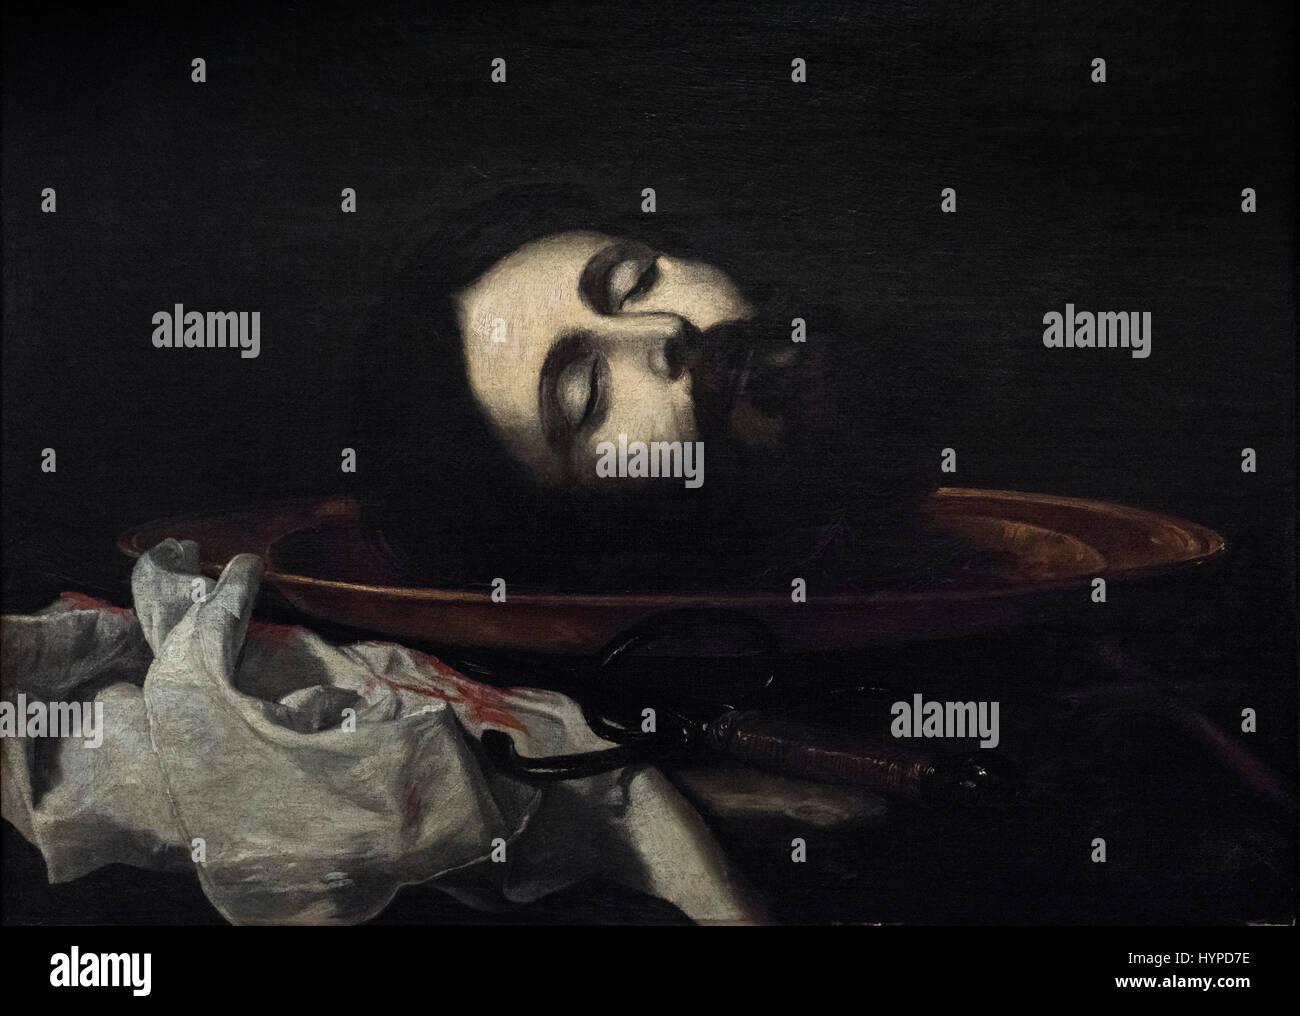 Jusepe de Ribera (1591-1652), Head of Saint John the Baptist, ca. 1630. Cabeza del Bautista. - Stock Image